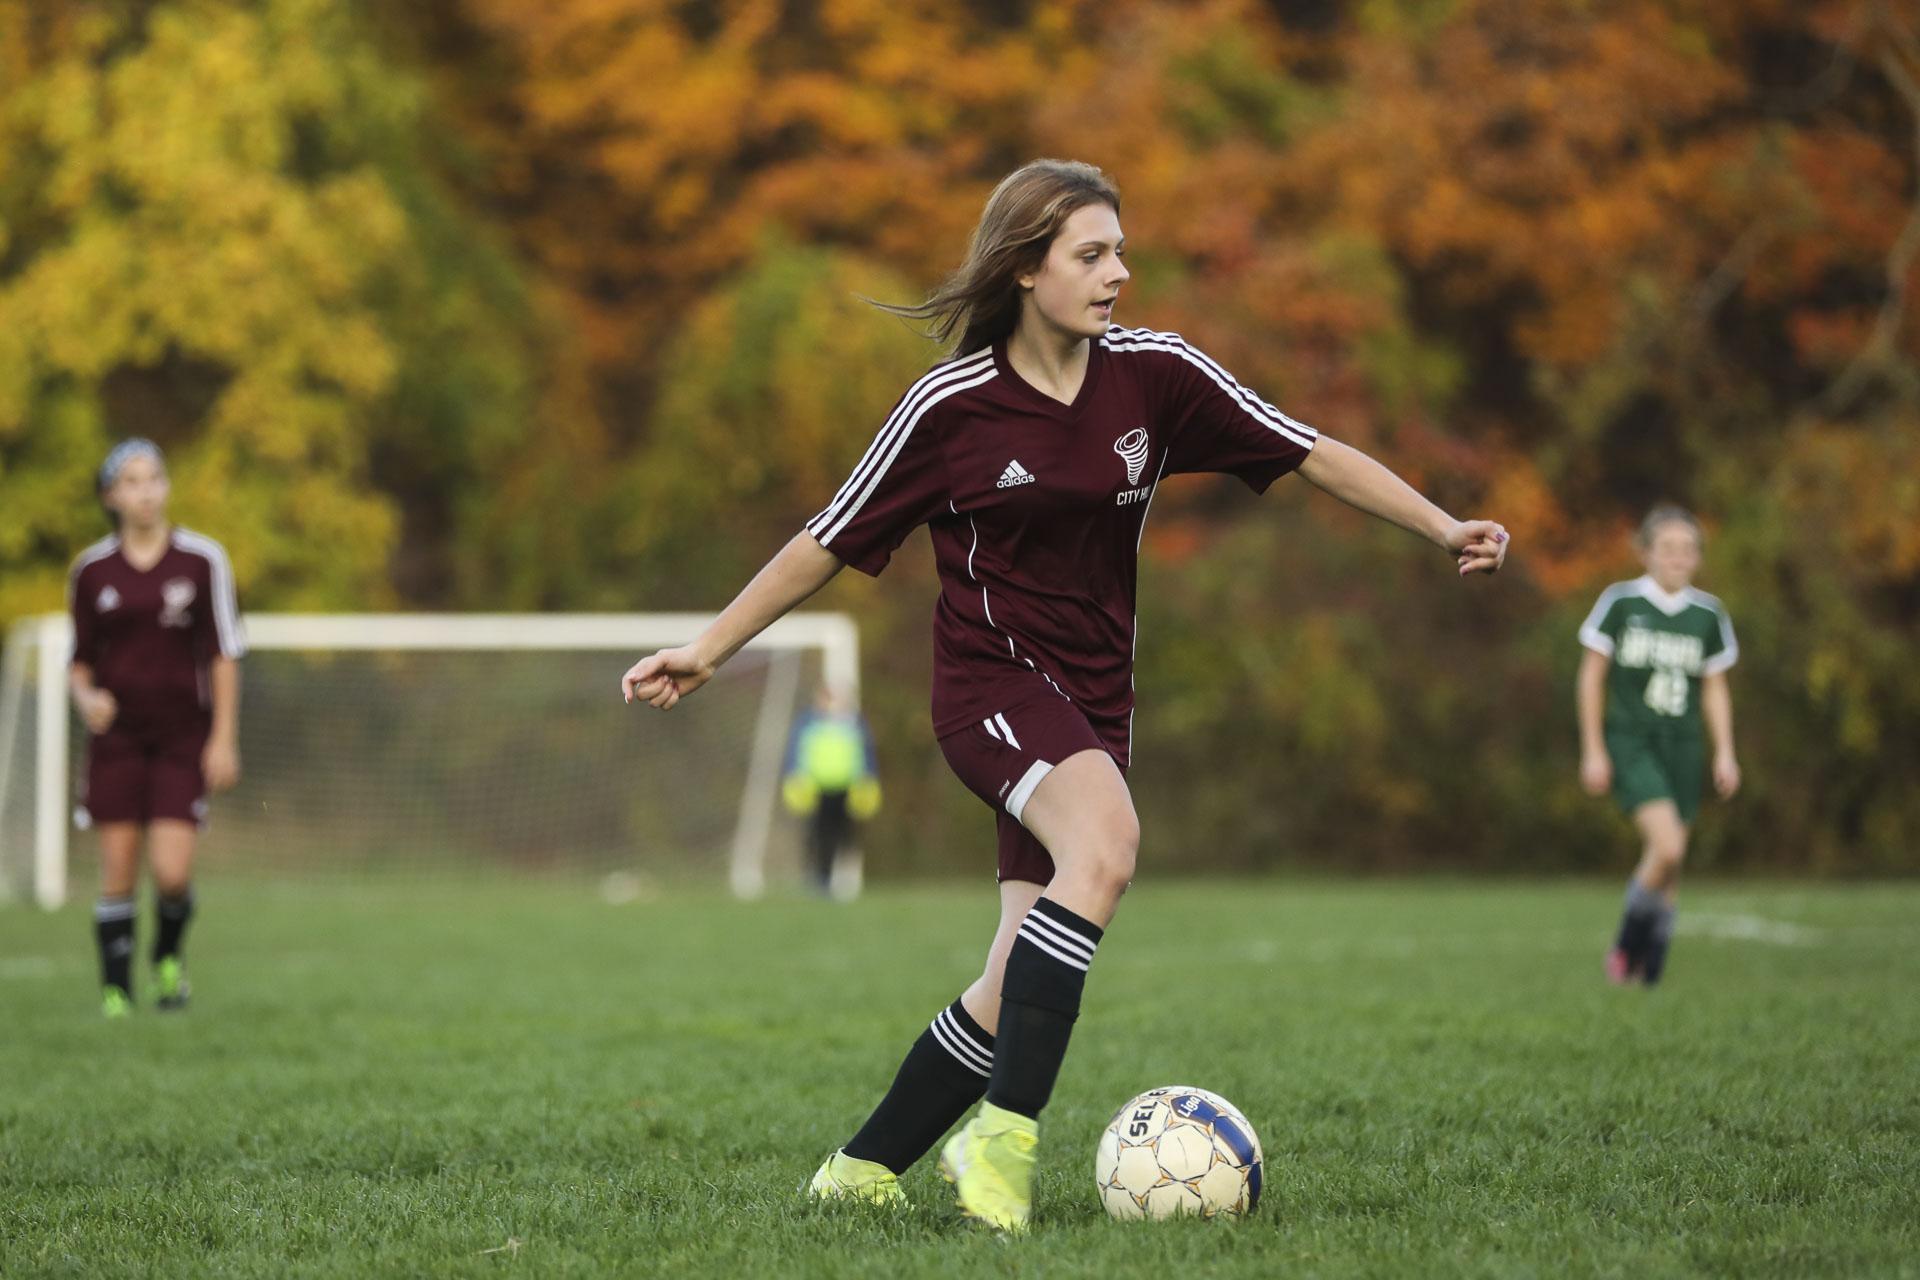 Soccer player kicking a ball